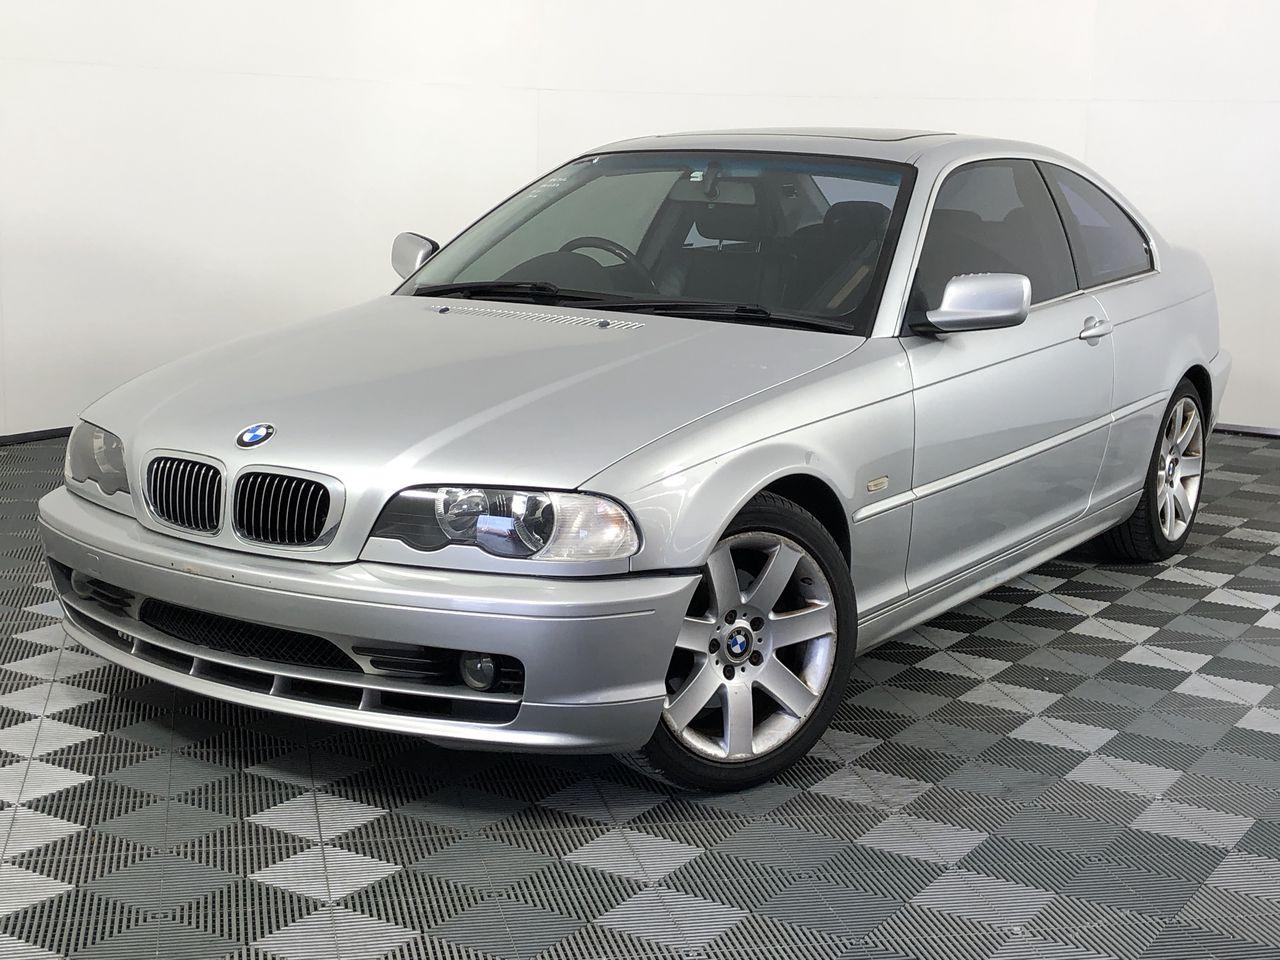 2002 BMW 3 25ci E46 Automatic Coupe